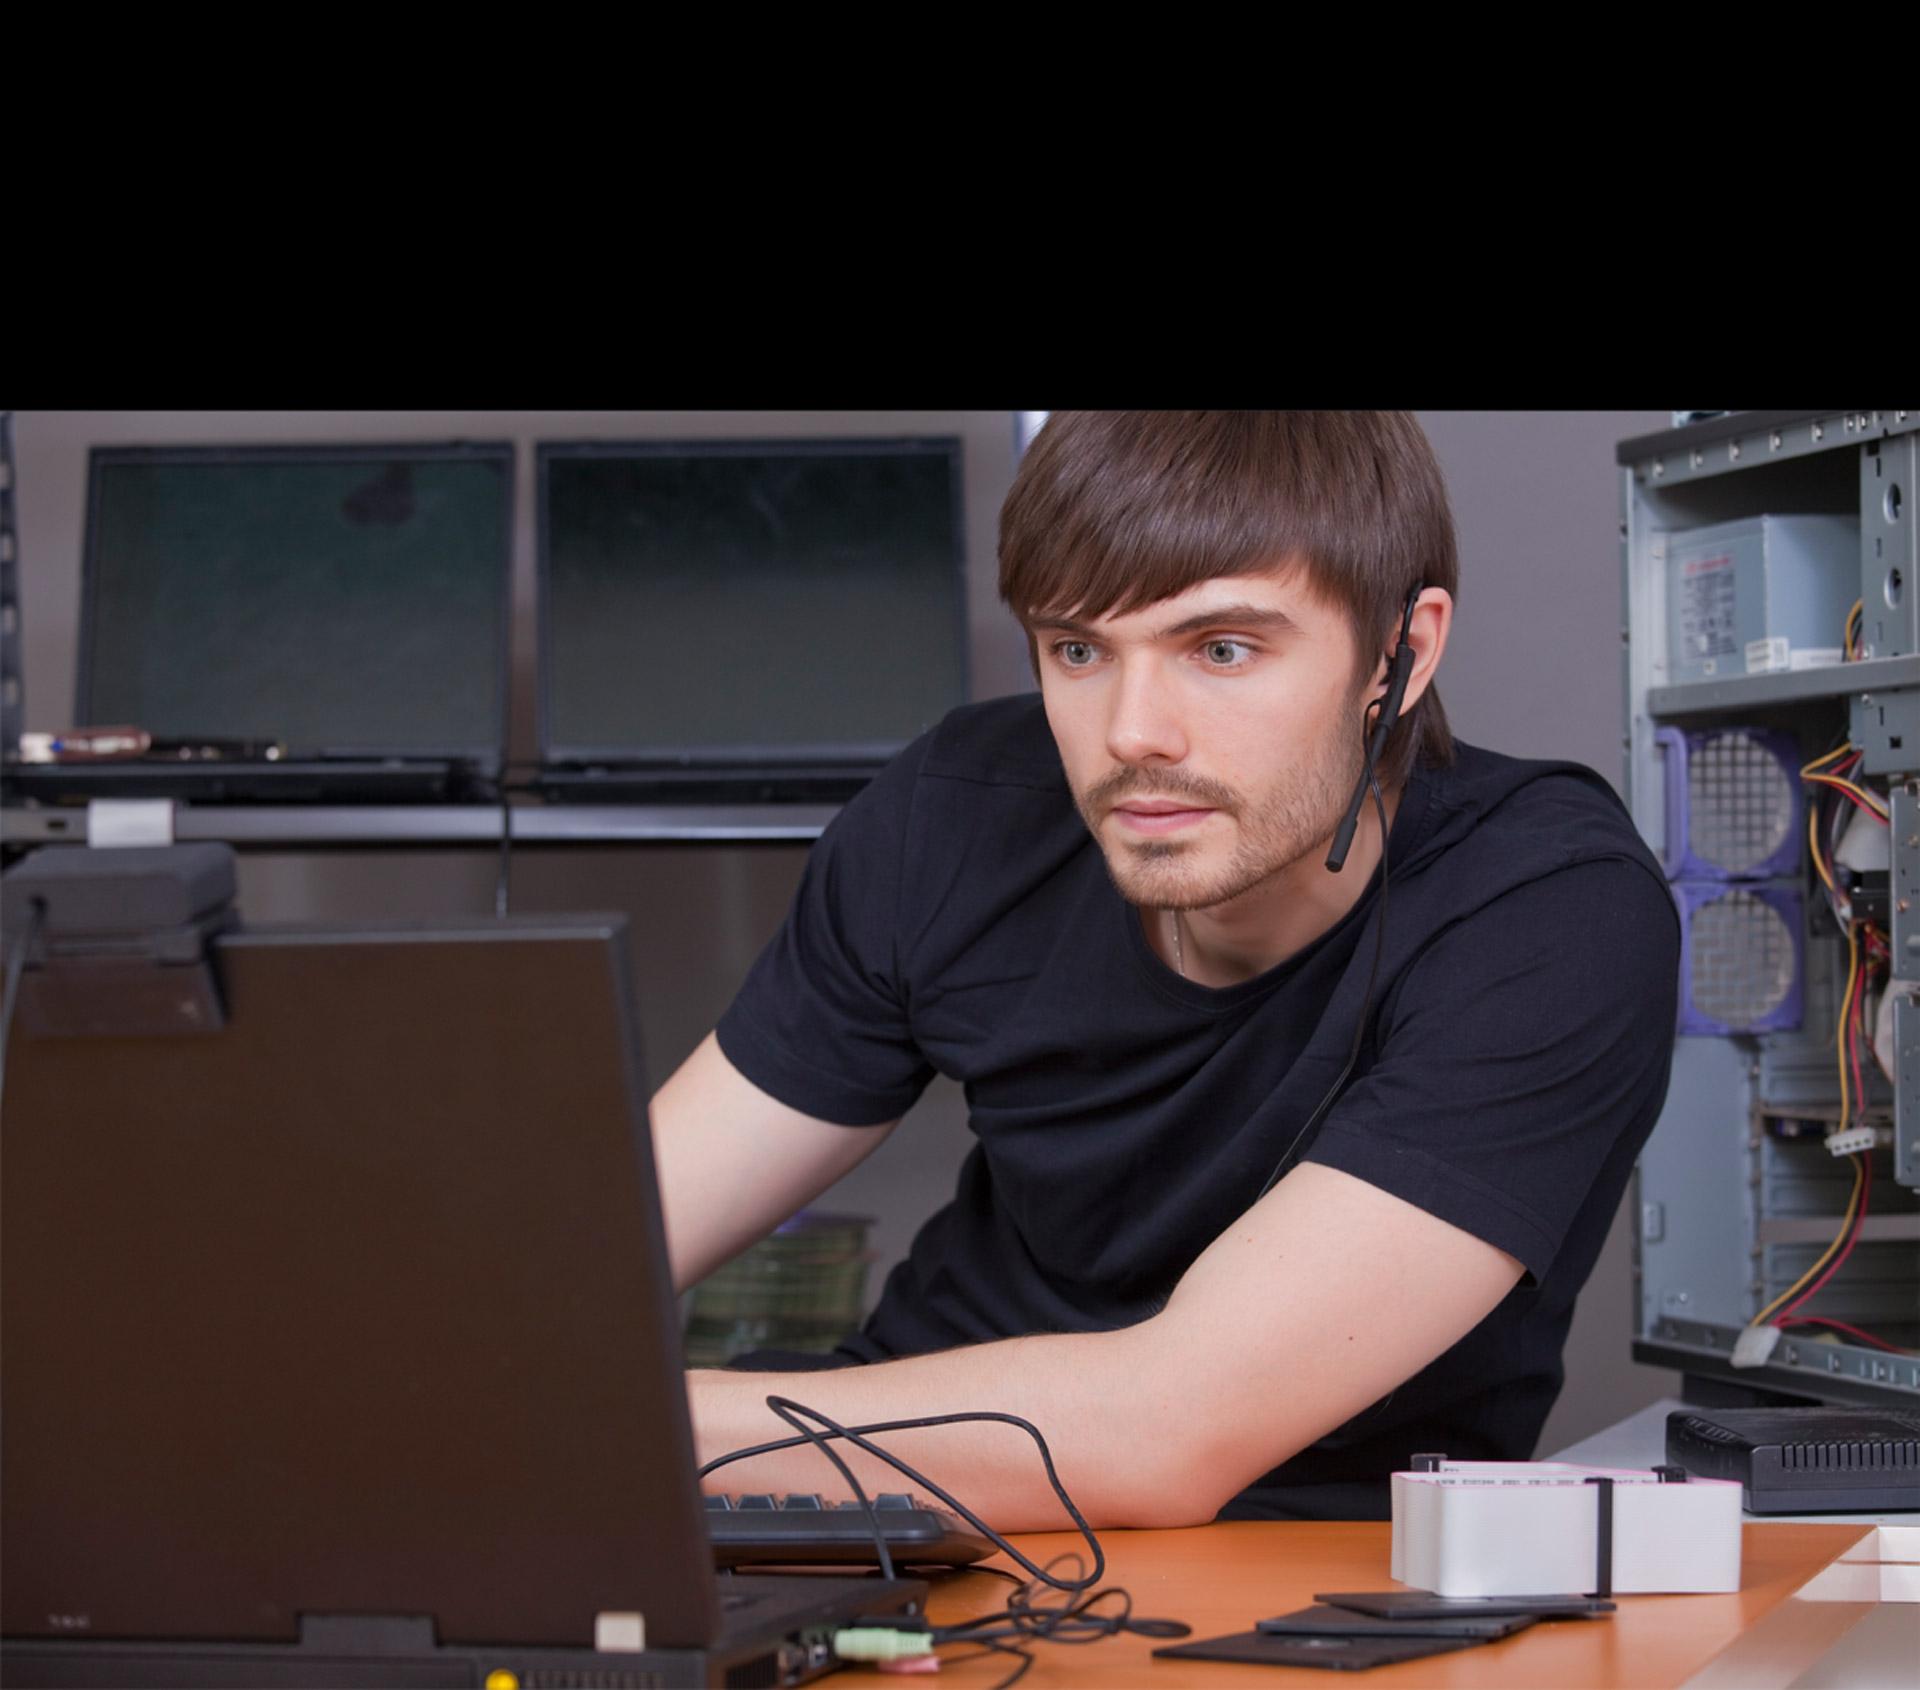 La creación de este código fue propuesta por un ingeniero de Google en 2013 para mejorar estándares técnicos de Internet